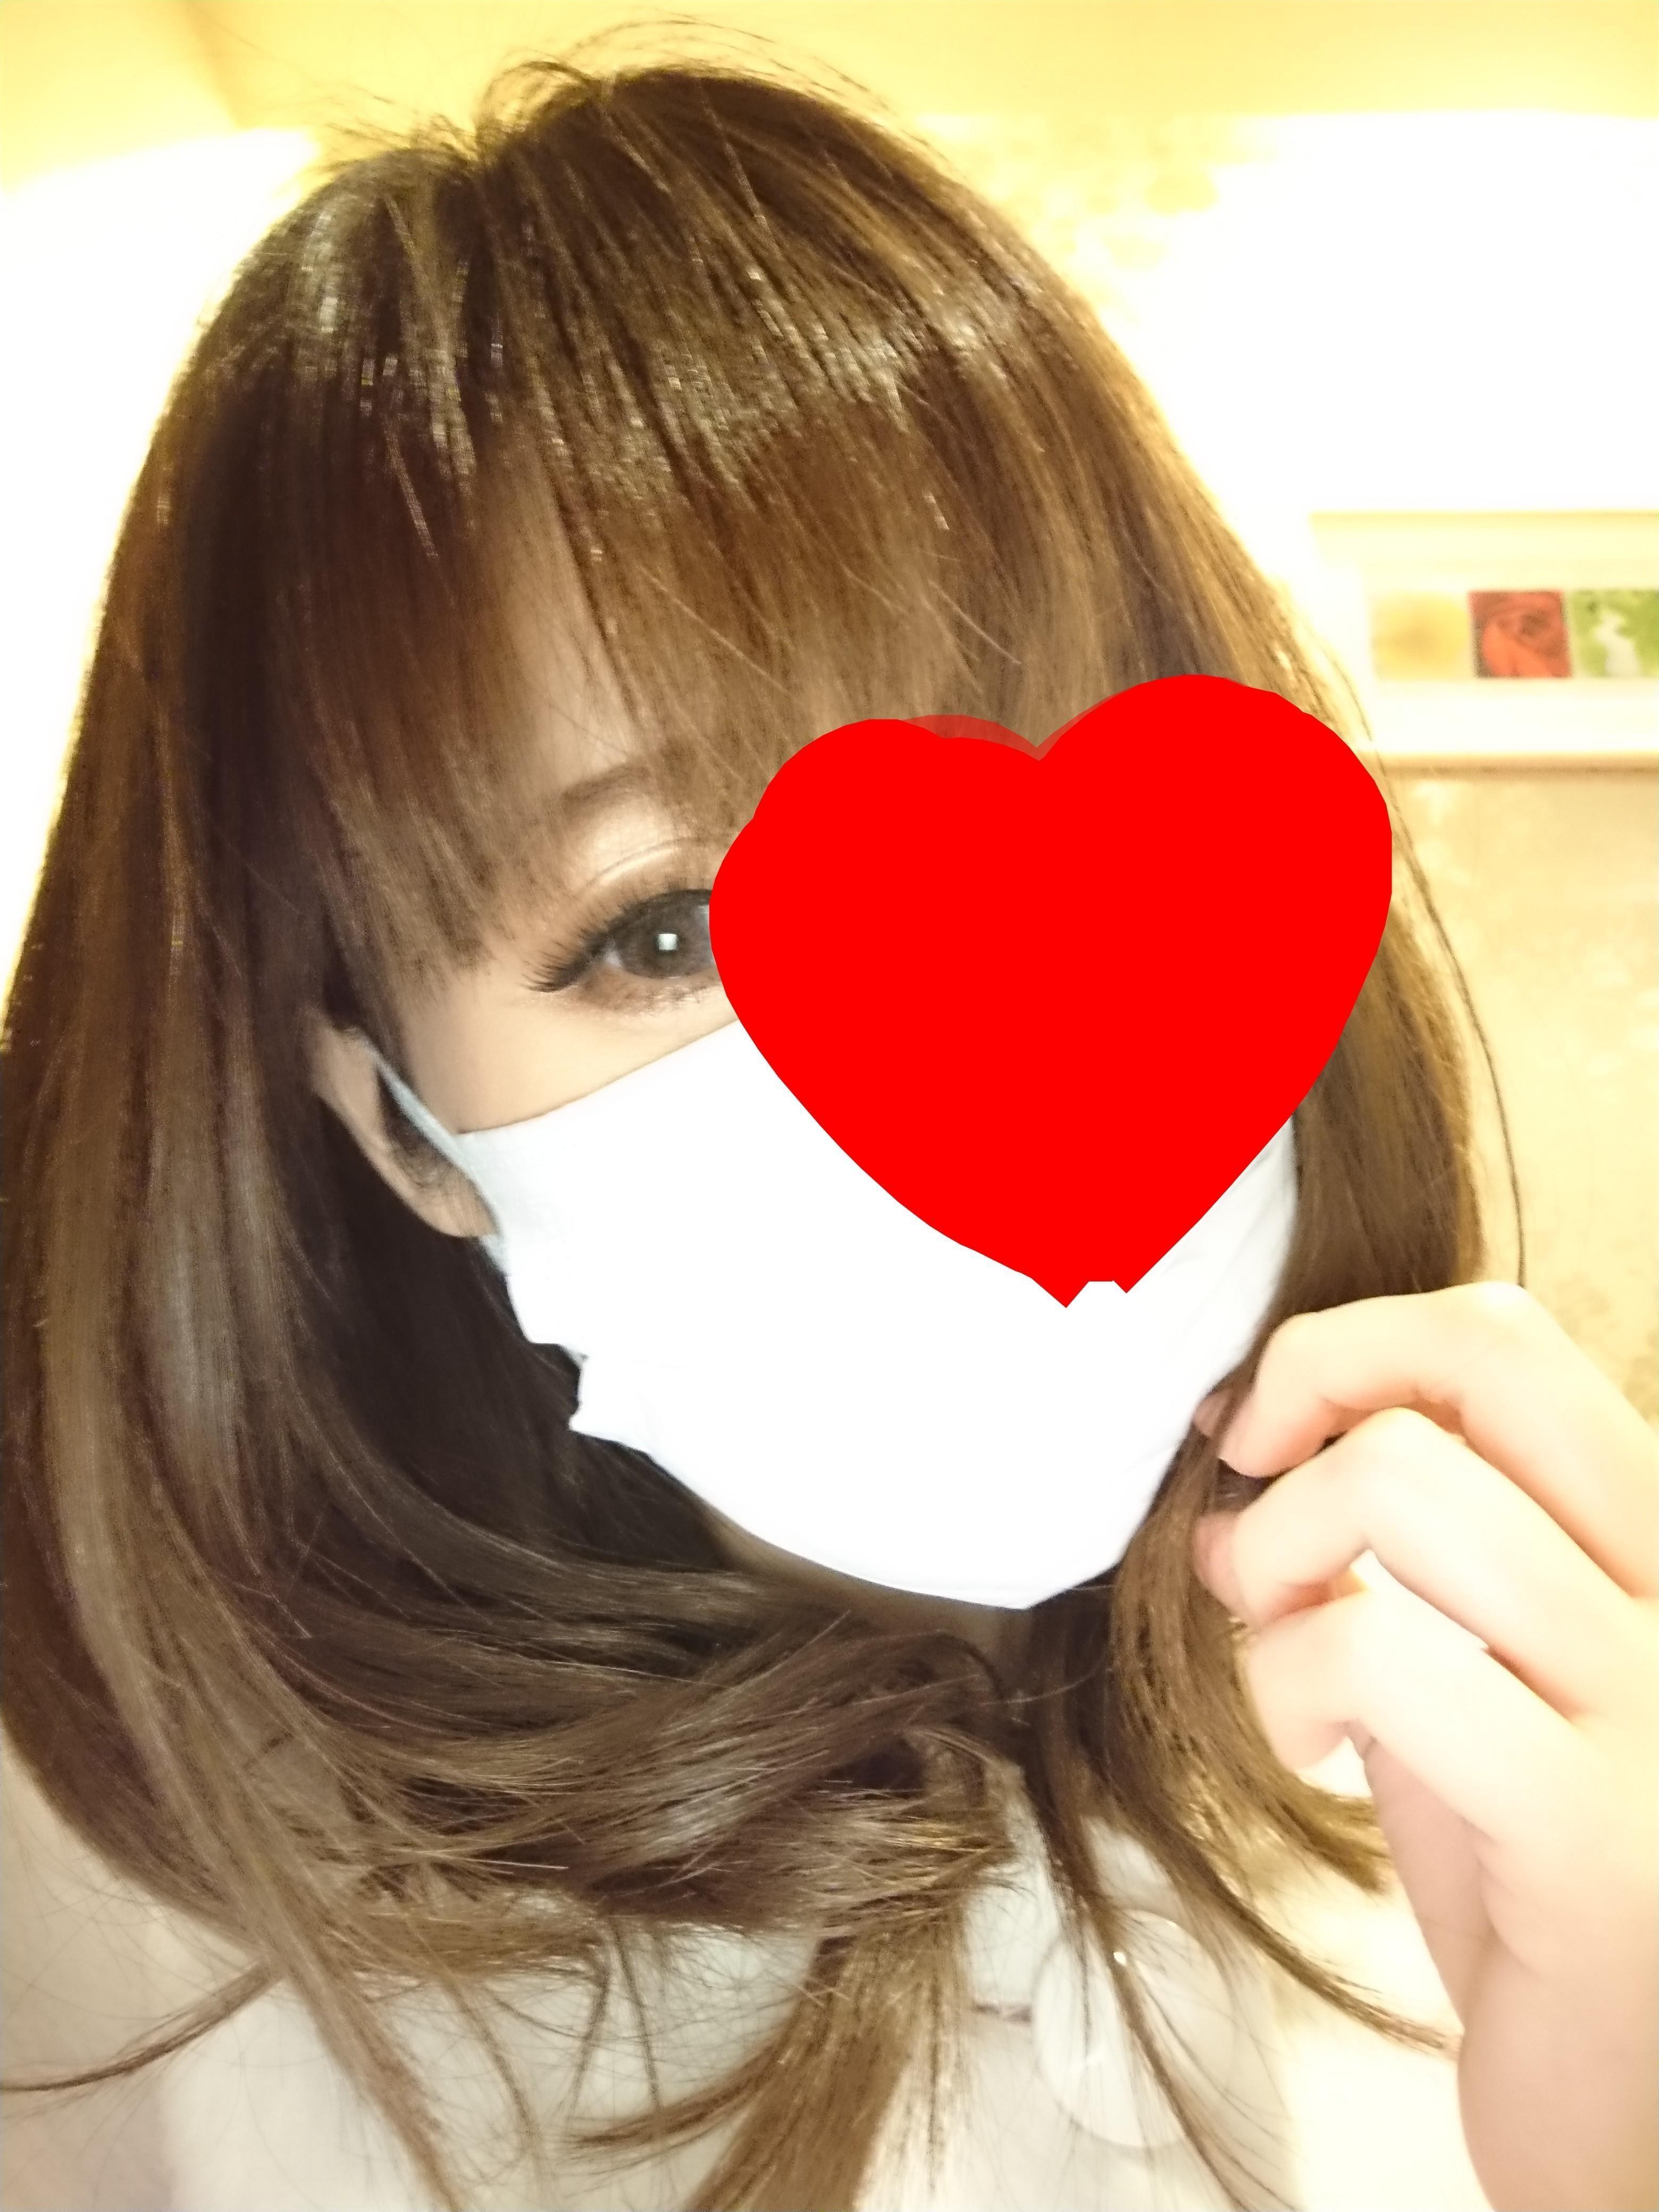 「帰りまーす!」12/26(水) 16:52   いおりの写メ・風俗動画